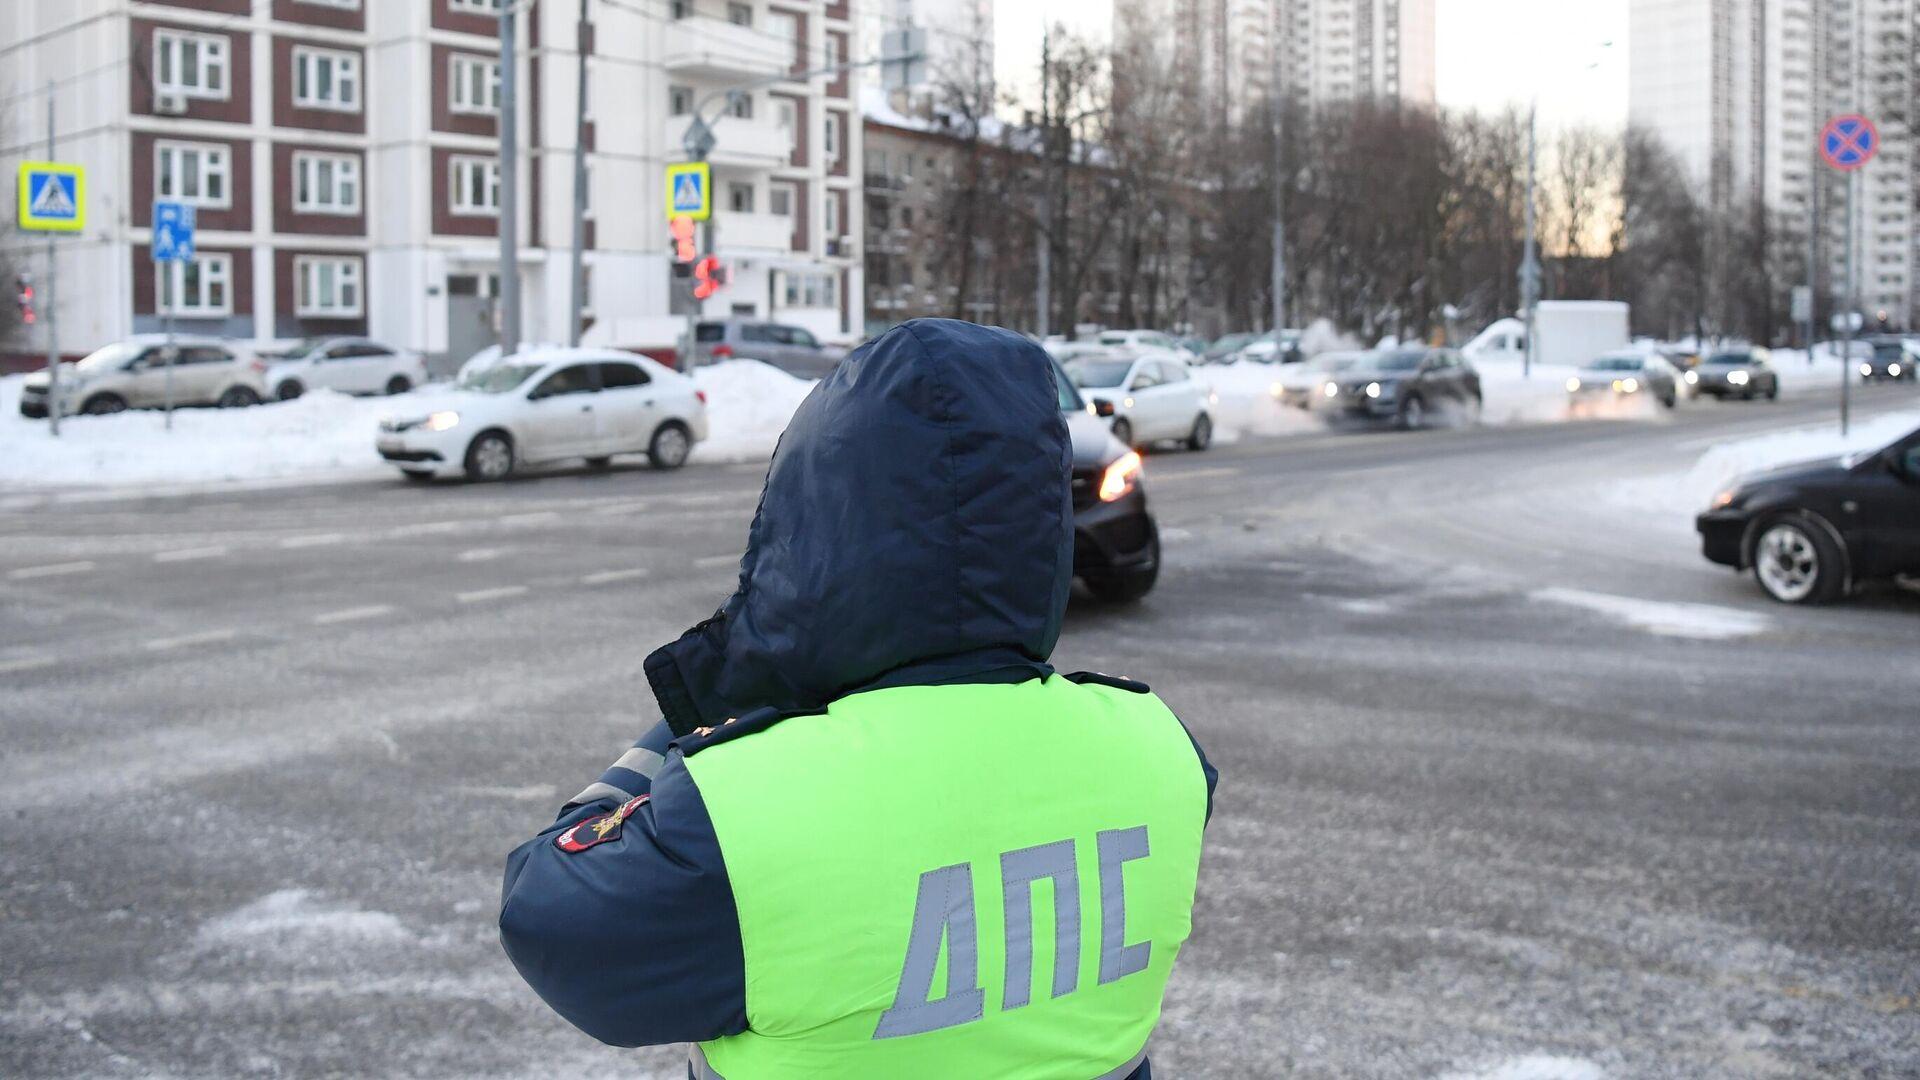 Сотрудник дорожно-патрульной службы - РИА Новости, 1920, 20.02.2021